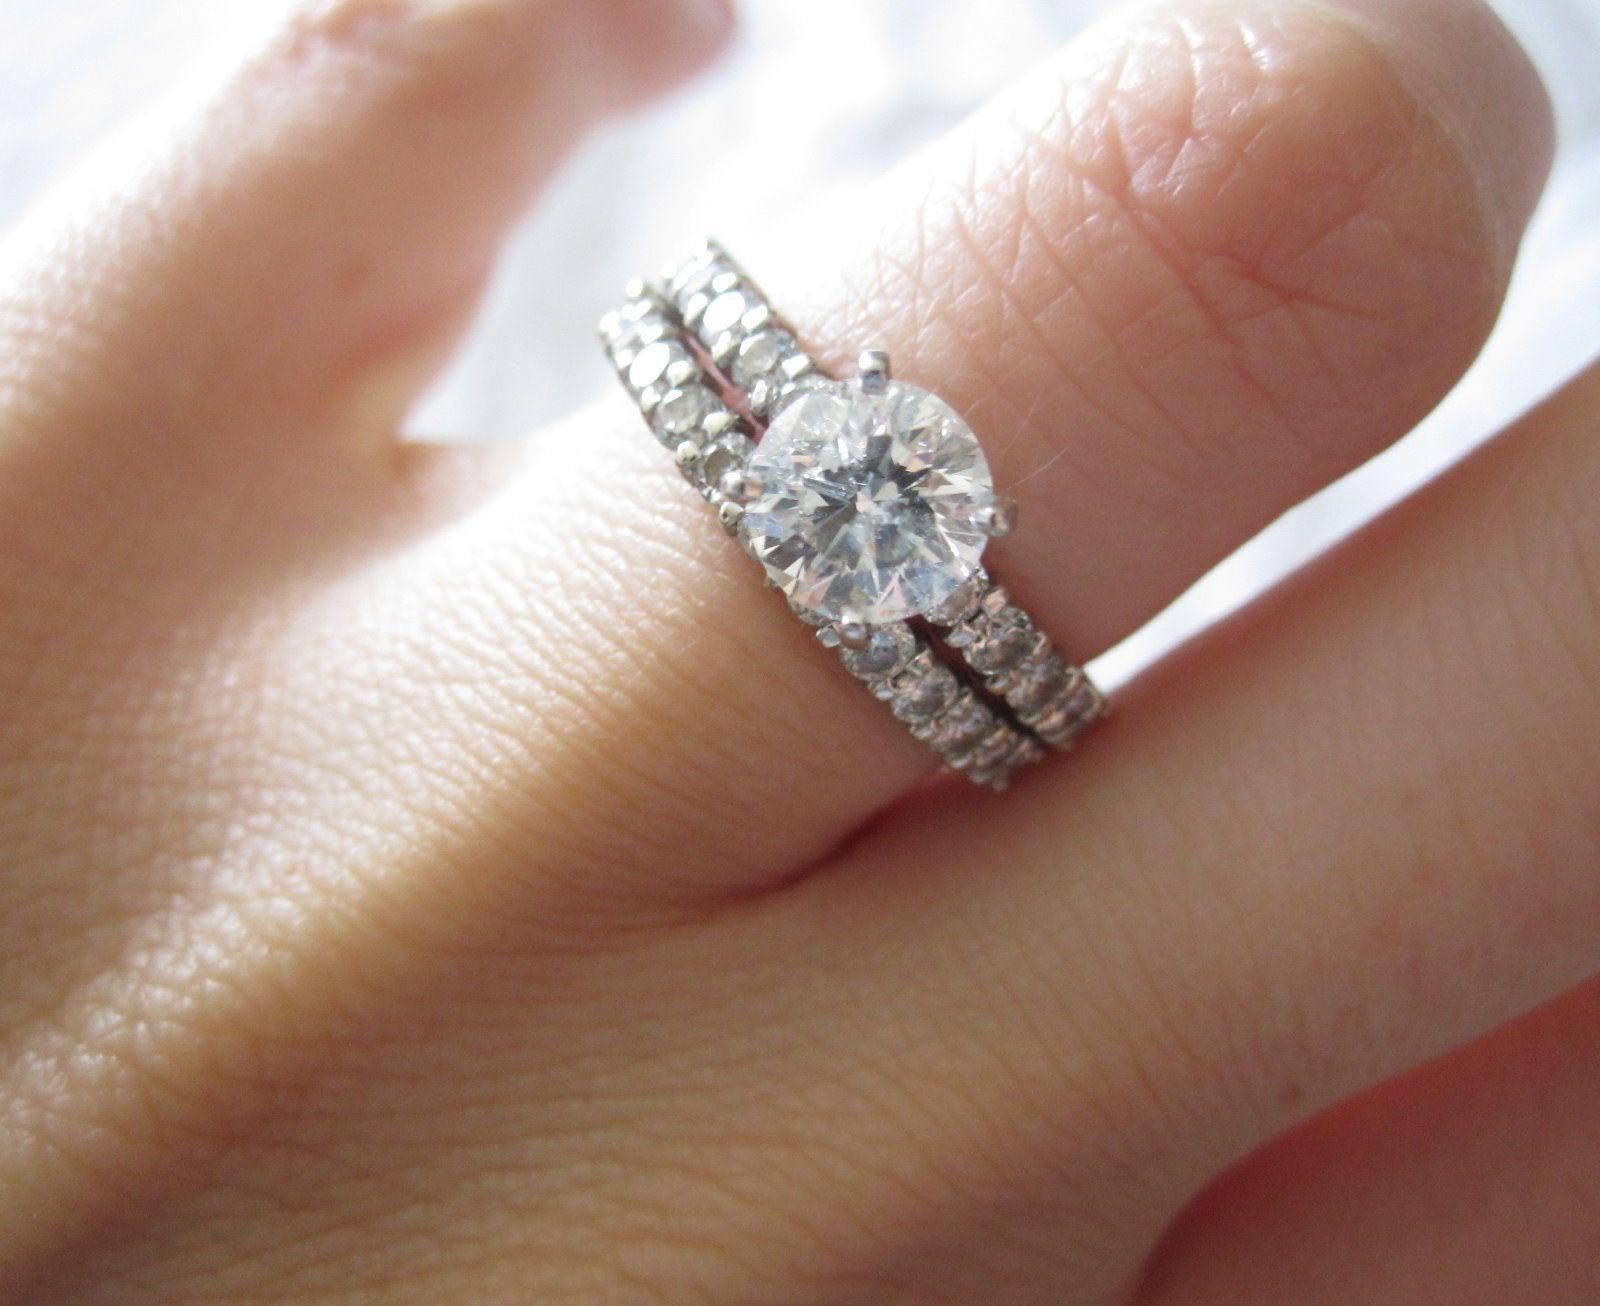 Amazing wedding band engagement ring wedding ring finger